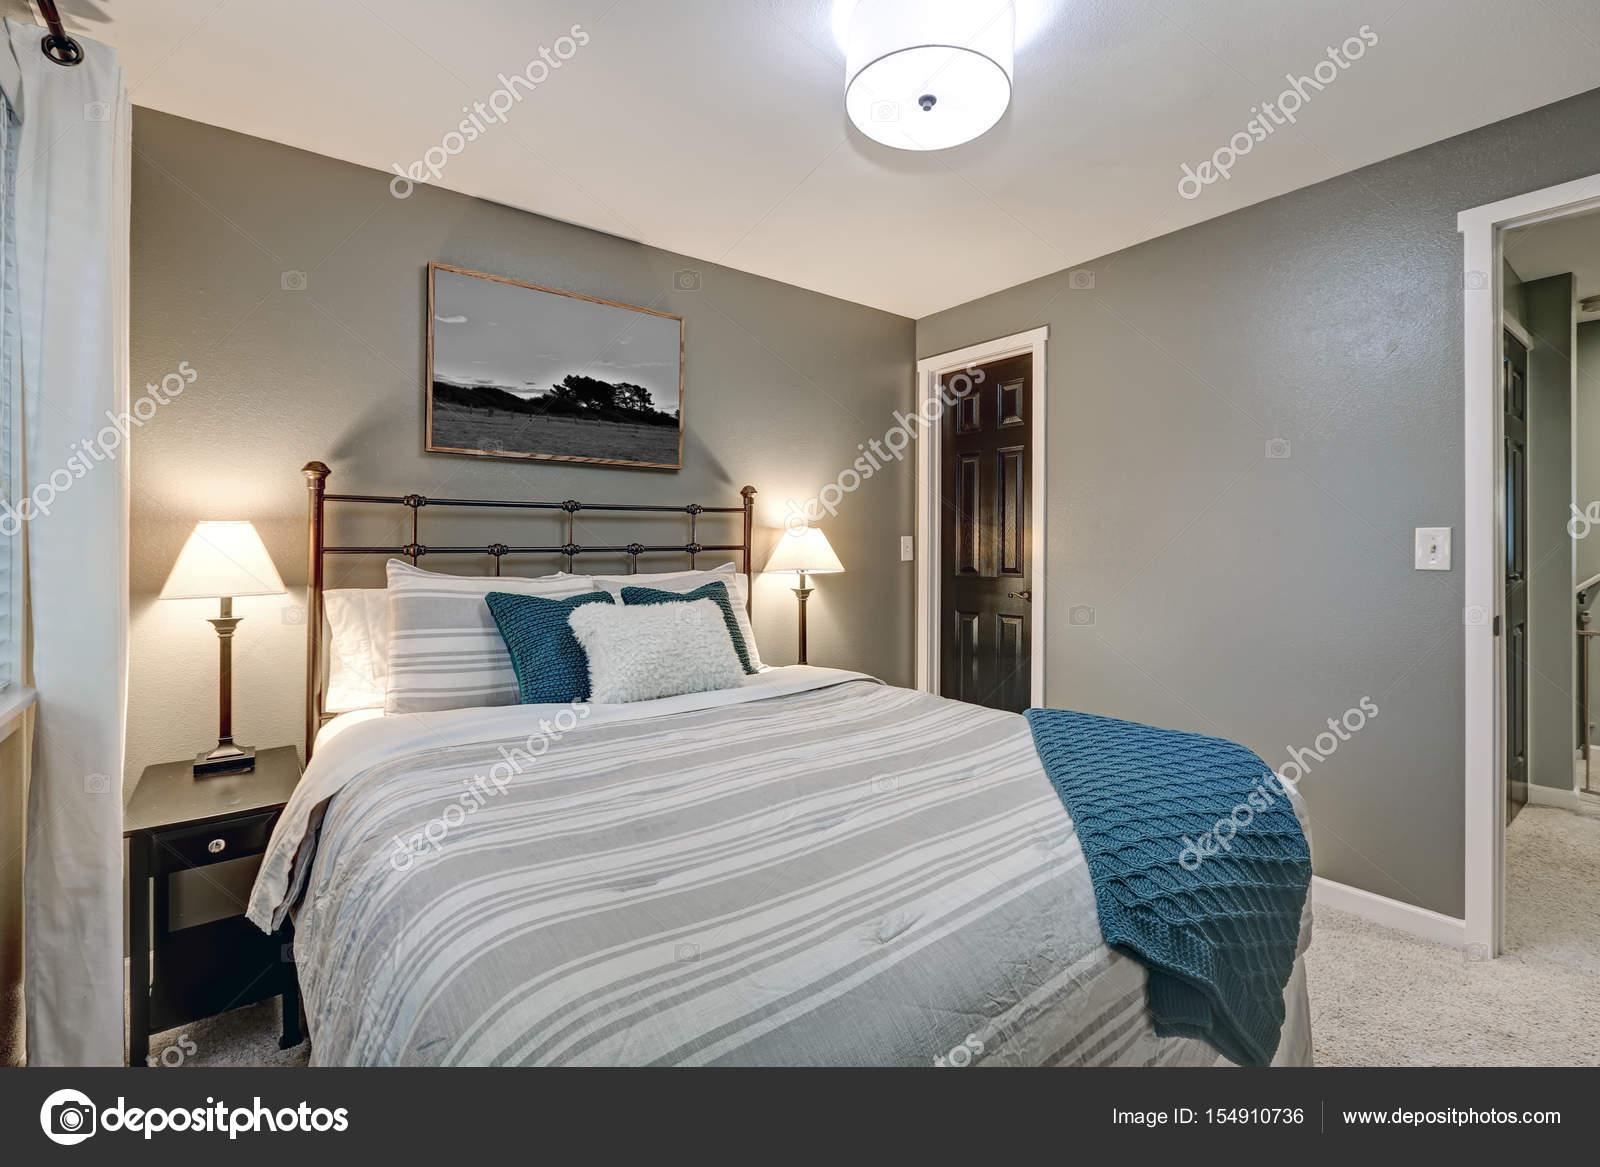 Graue Schlafzimmer verfügt über große Eisen-Bett — Stockfoto ...